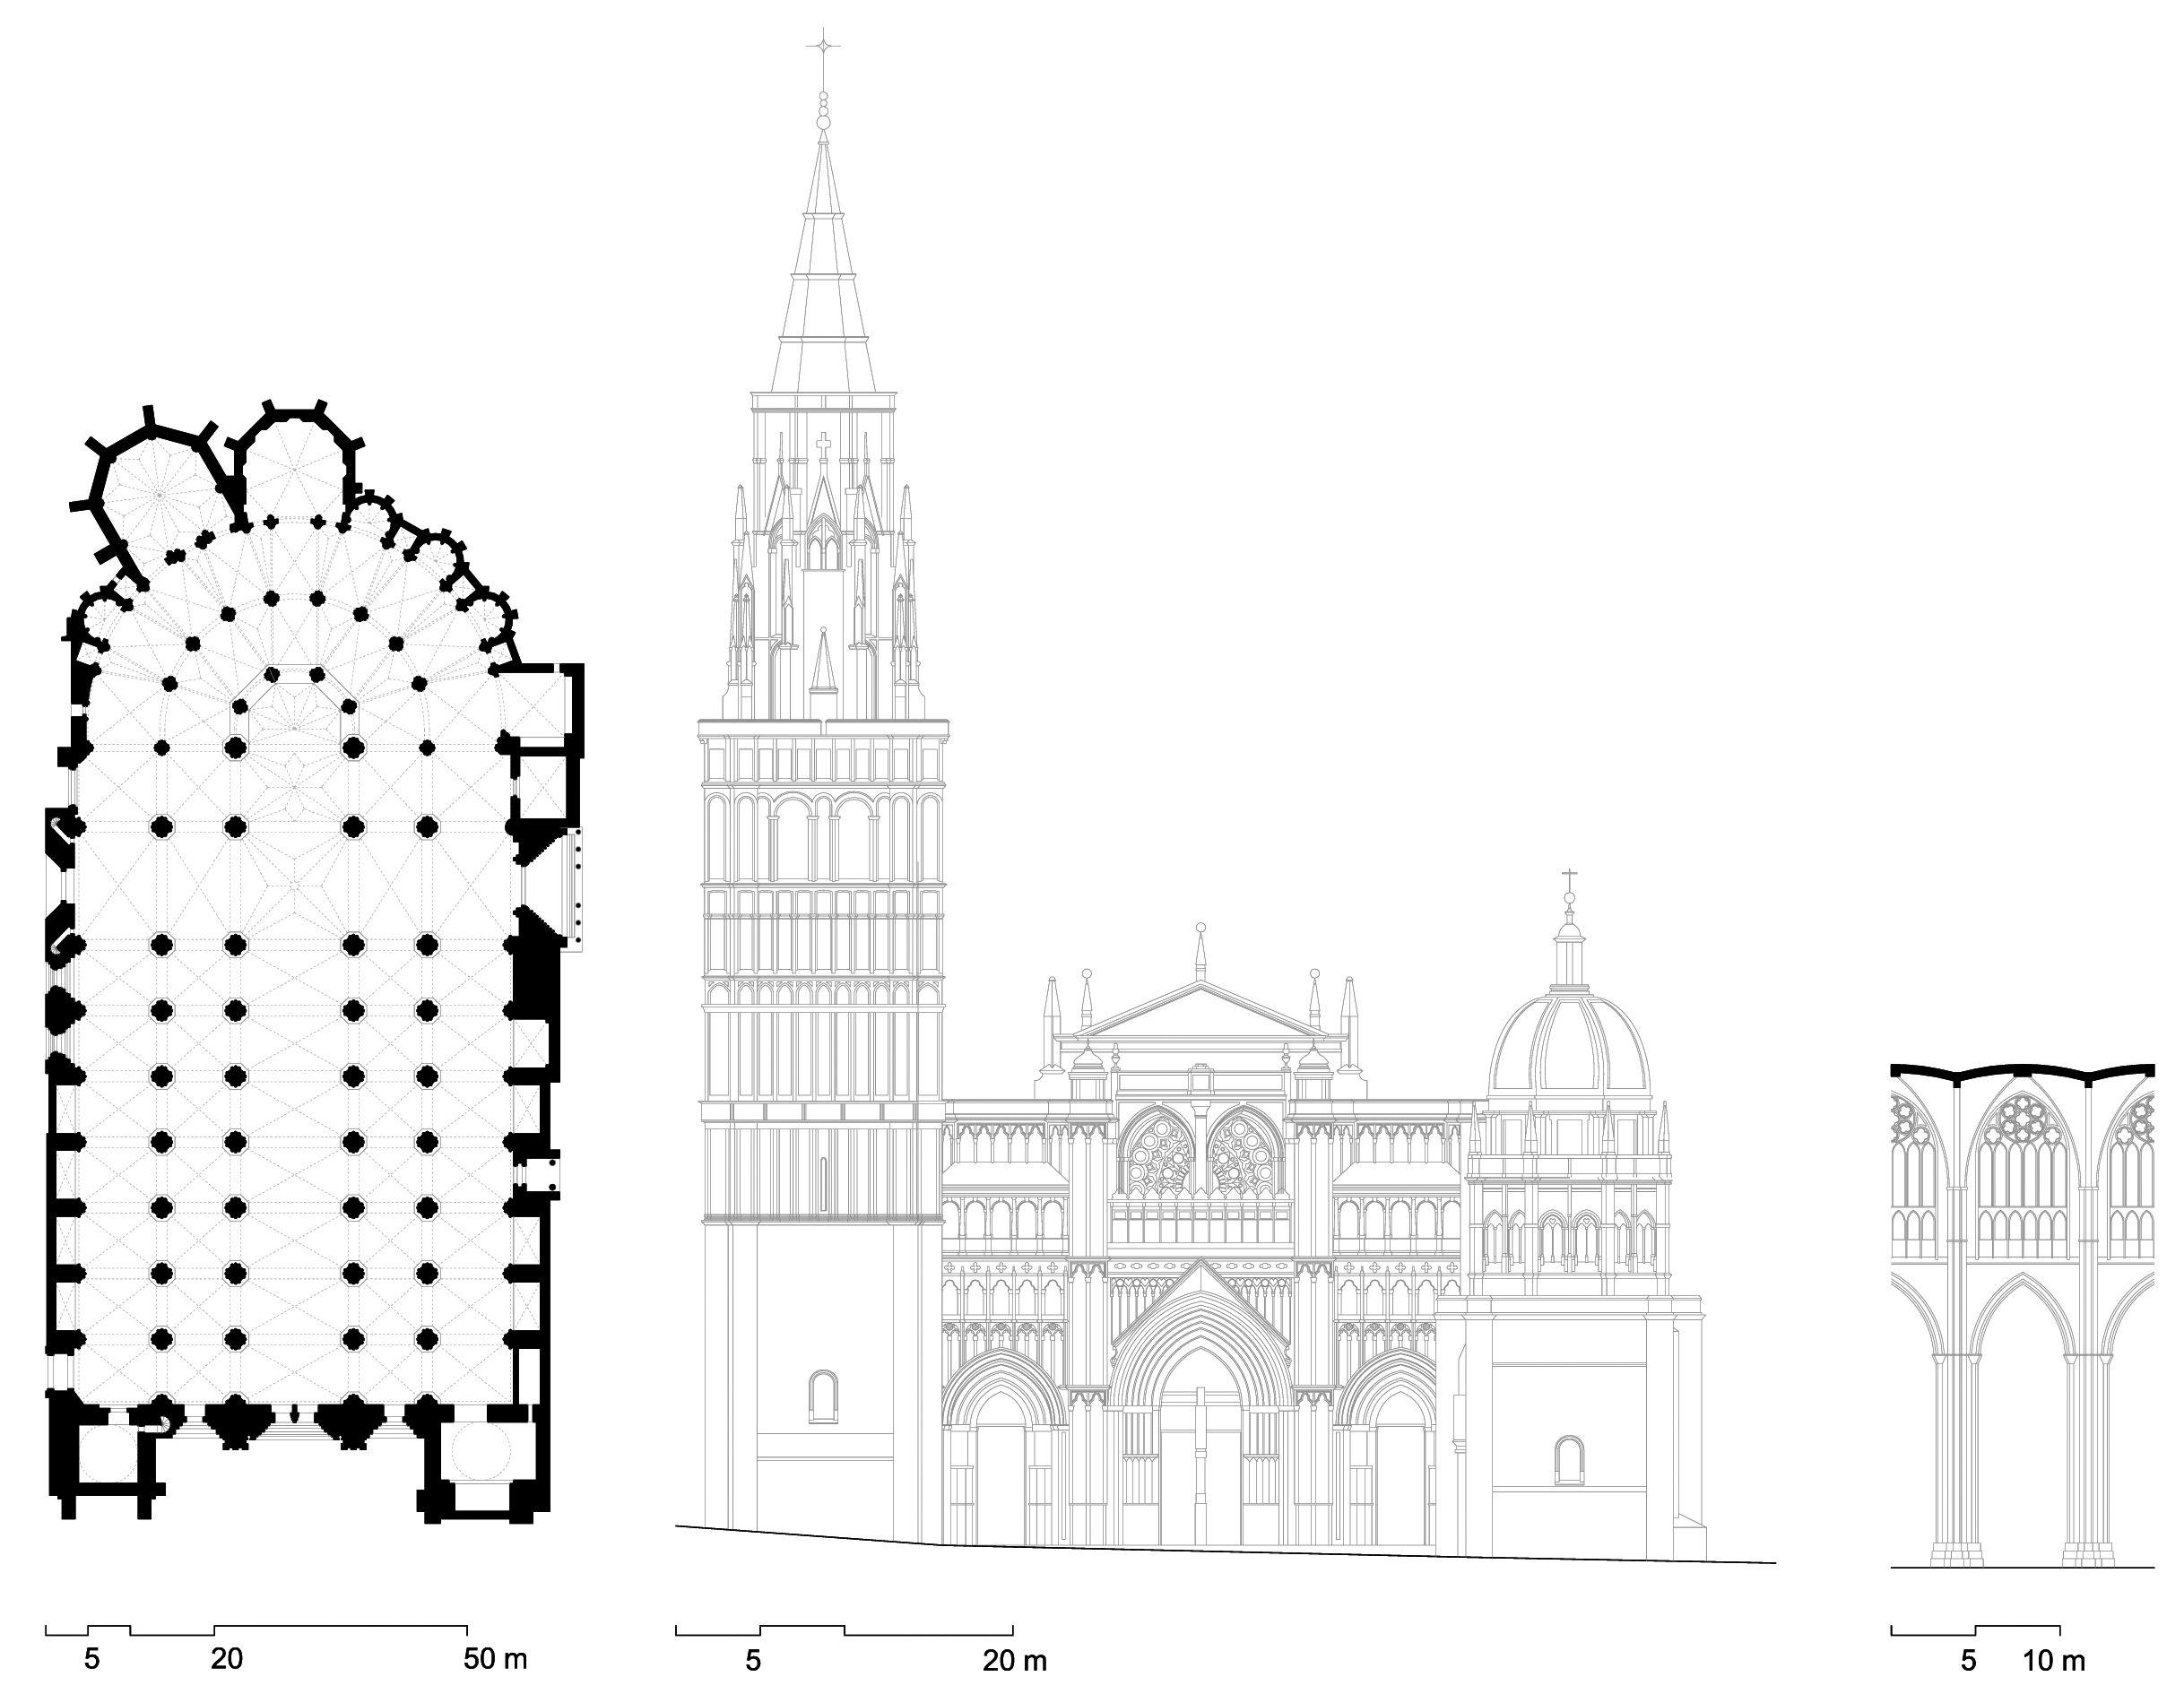 Planta alzado y corte interior de la catedral de toledo - Alzado arquitectura ...